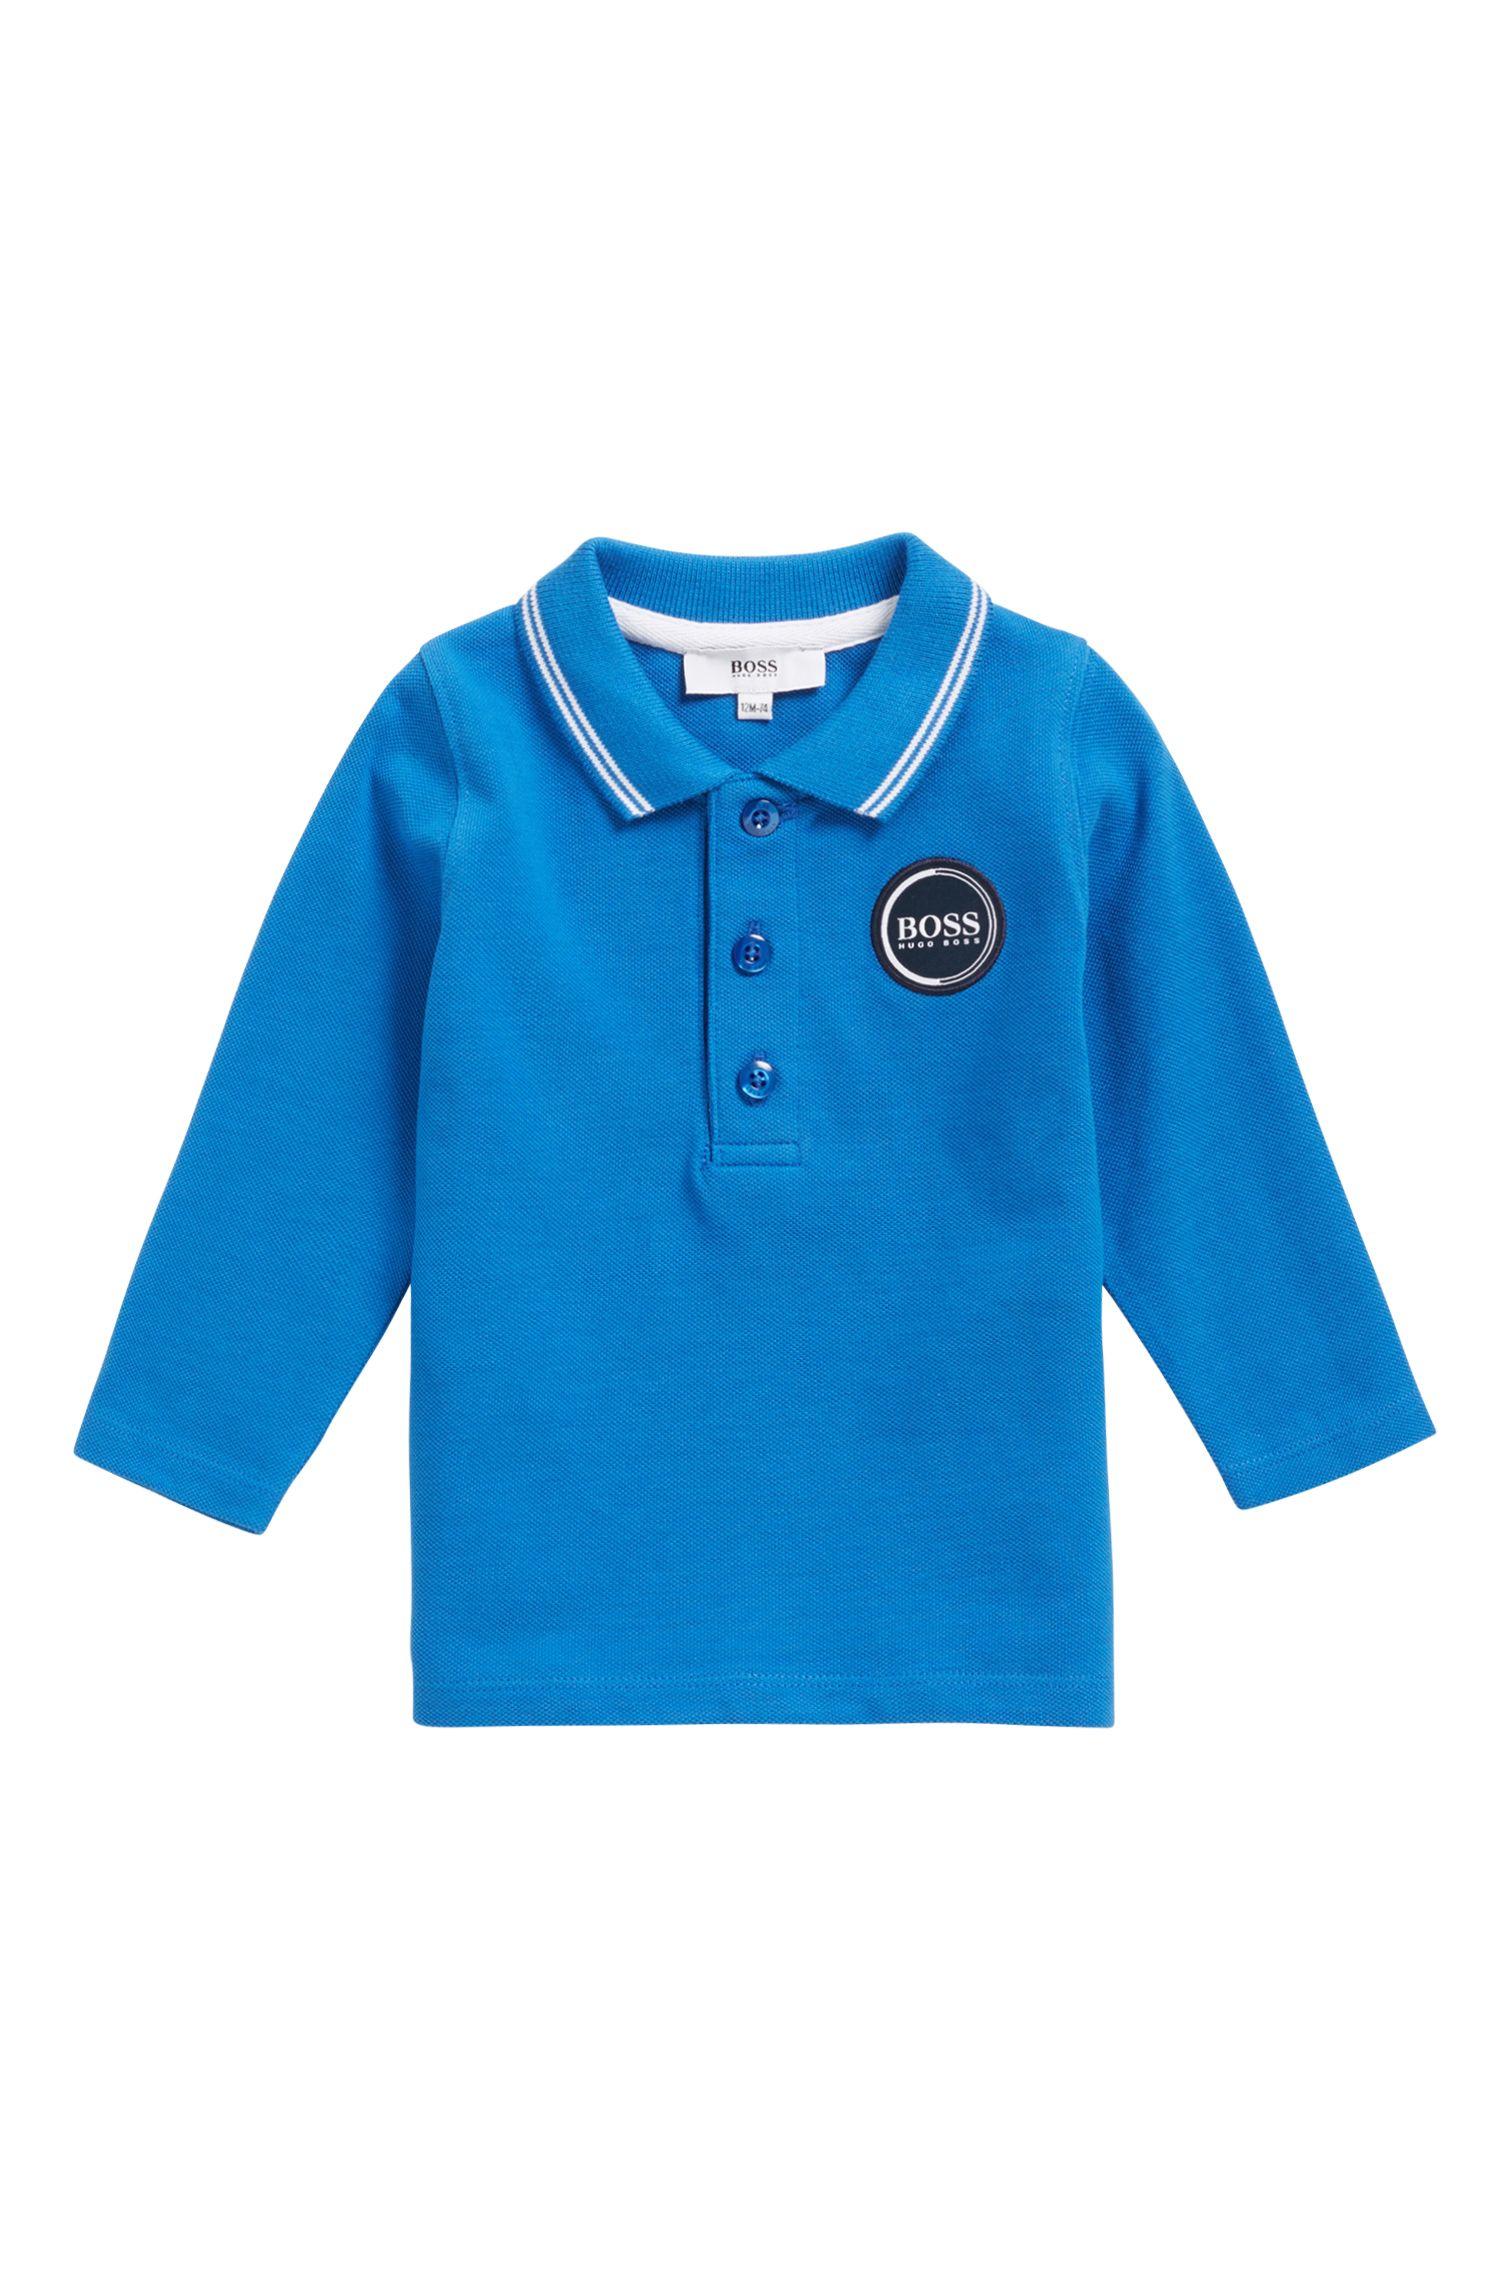 Kids-Longsleeve-Poloshirt aus Baumwoll-Piqué mit Logo-Print hinten, Blau